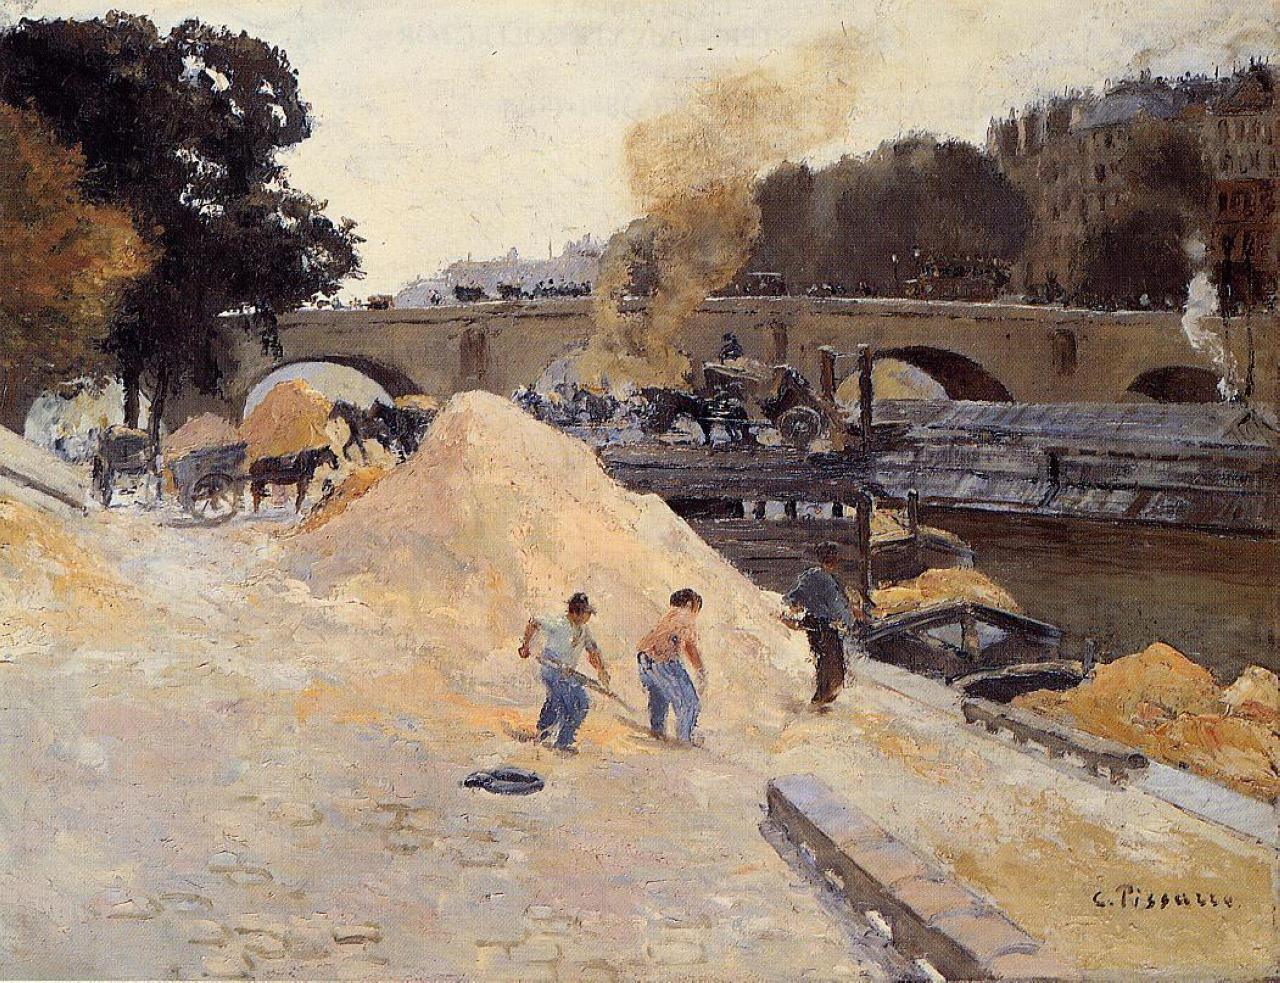 Pissarro à Eragny - L'anarchie et la nature